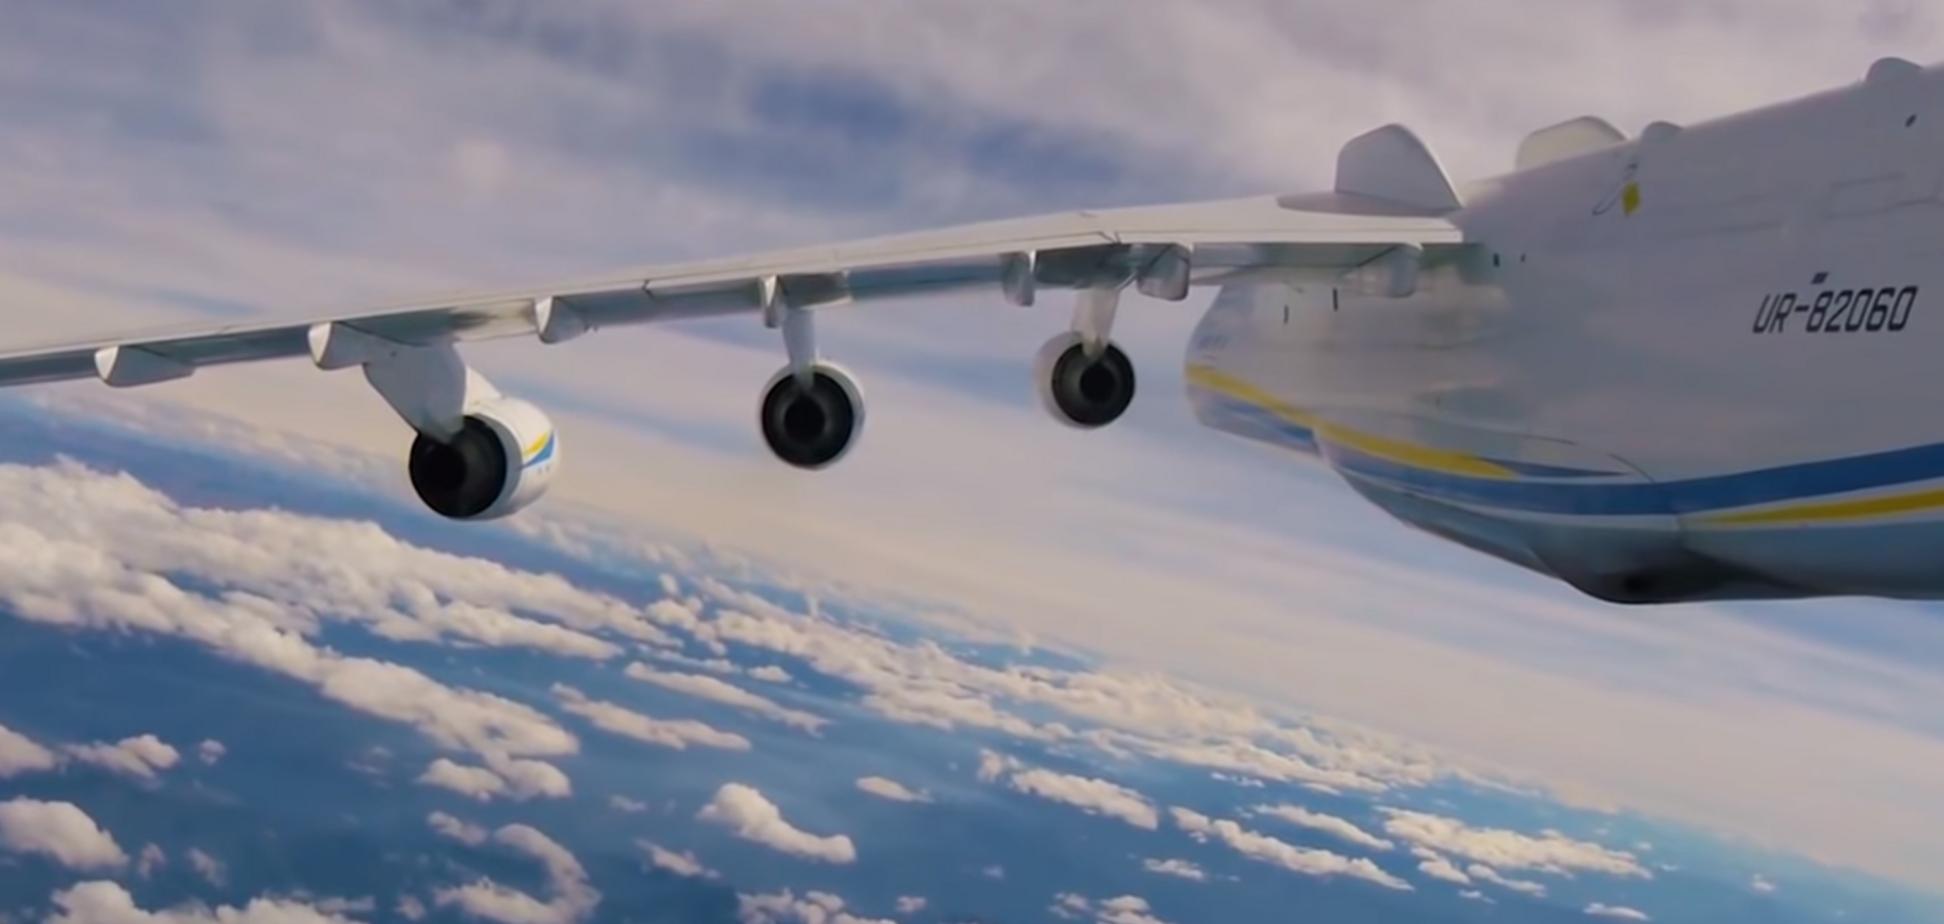 Взлет самого большого самолета в мире сняли с необычного ракурса: невероятные кадры